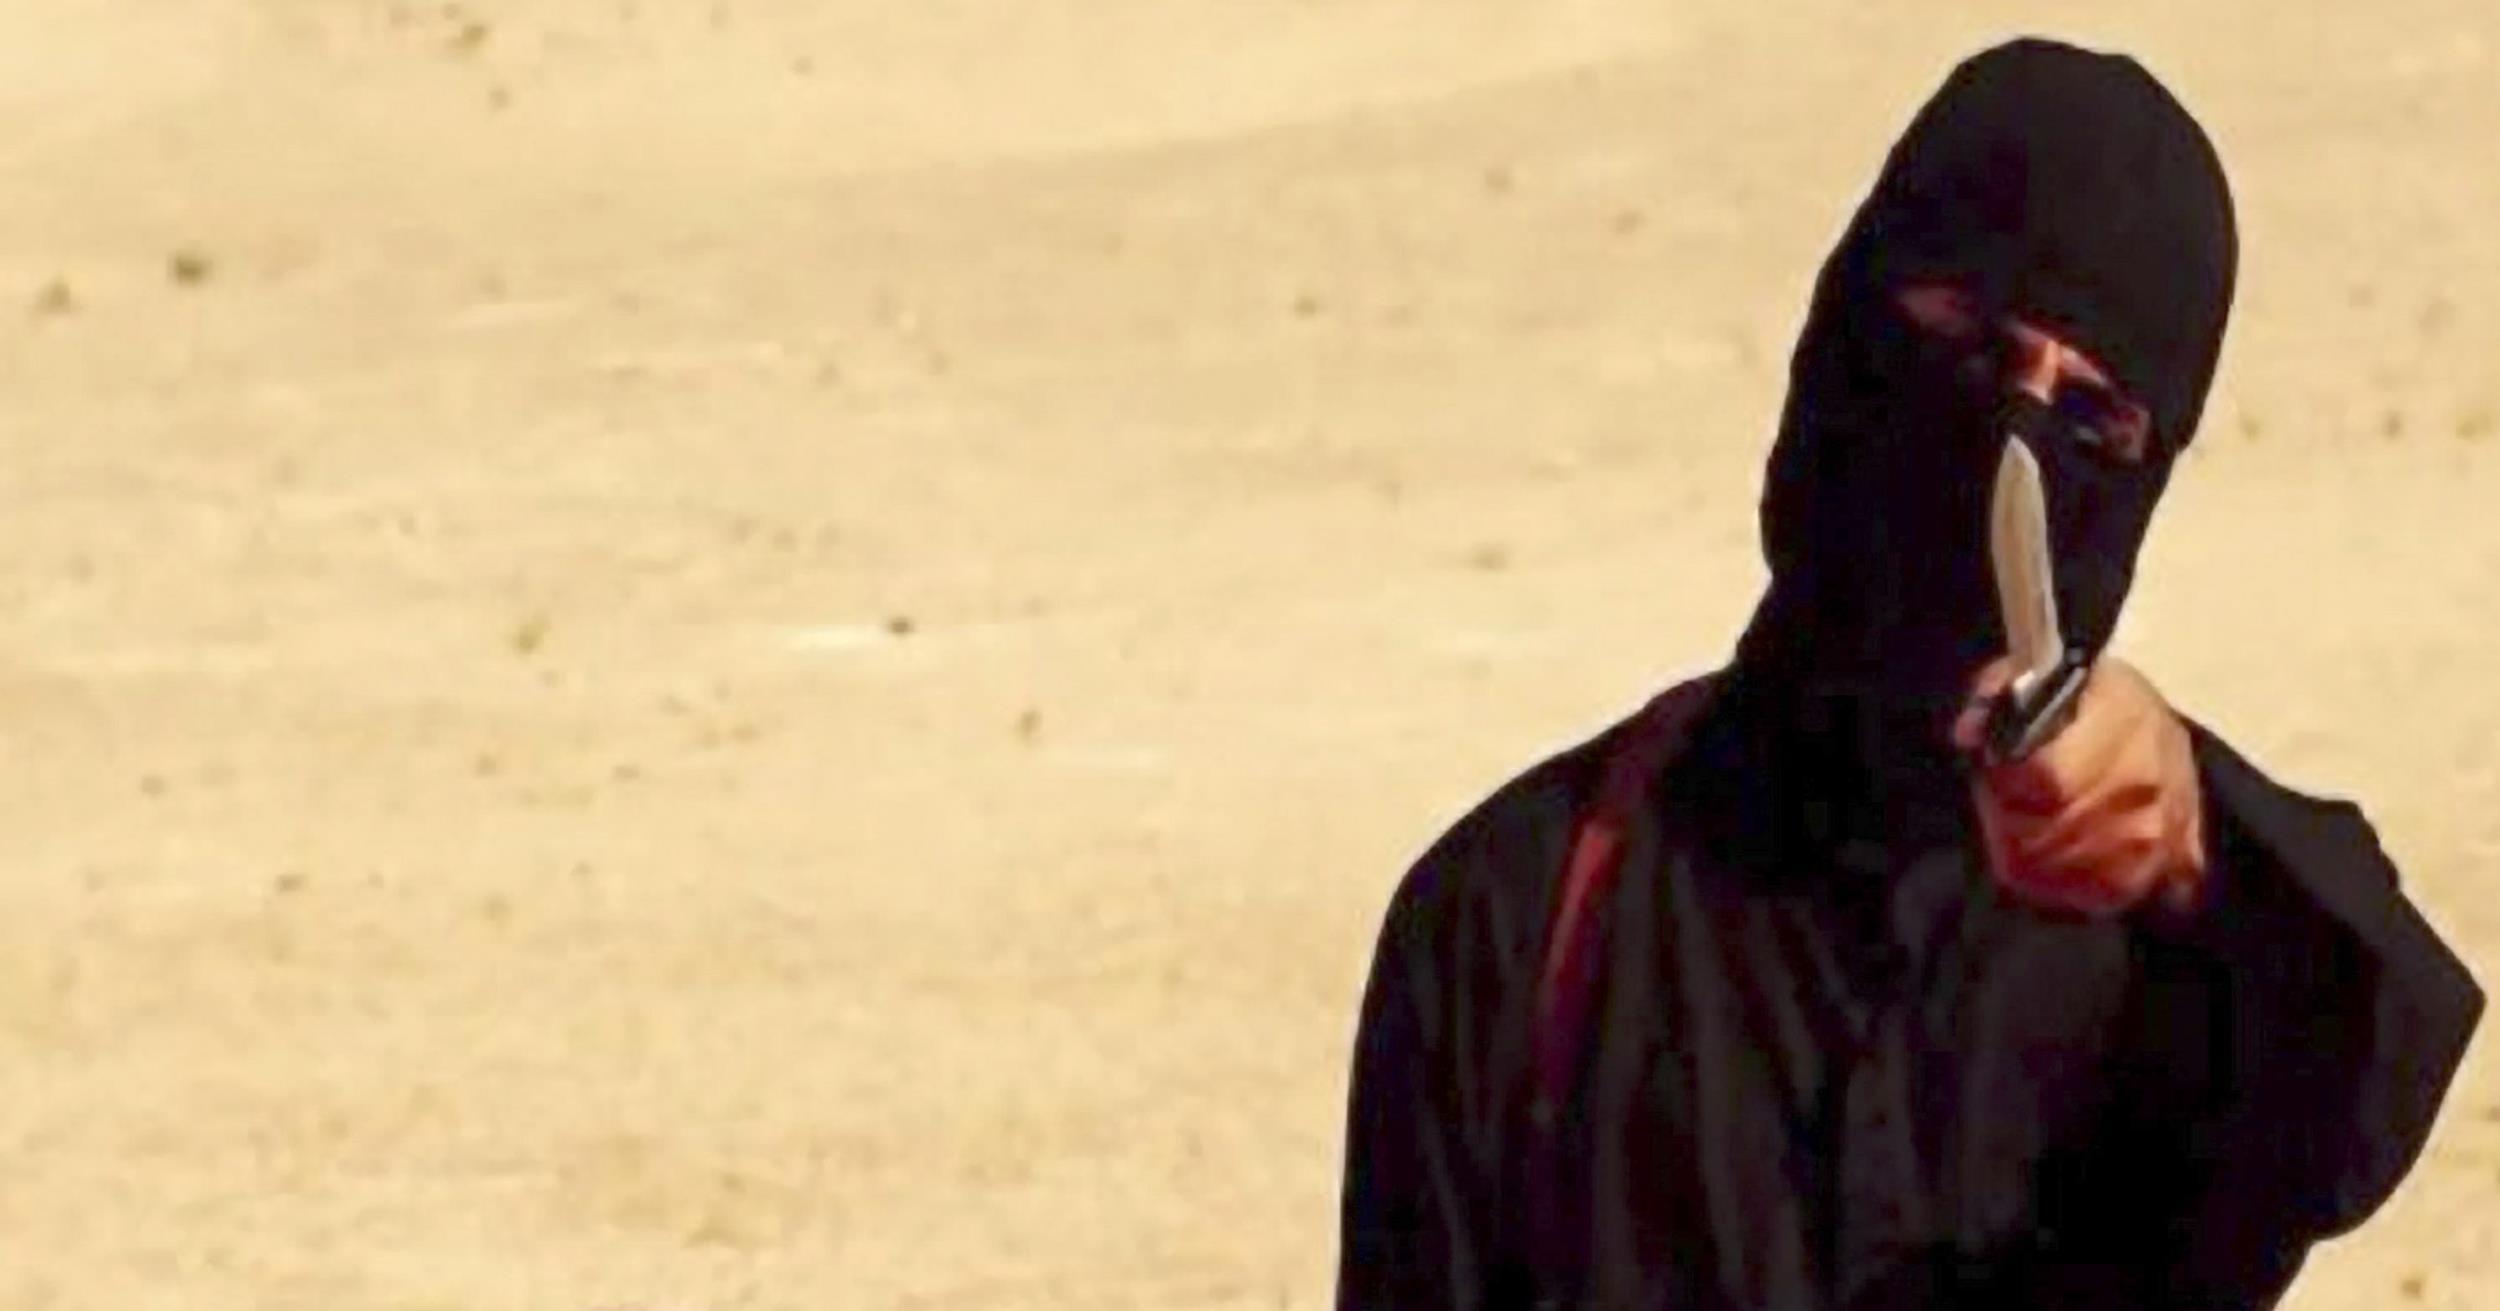 Vì sao các nạn nhân bị IS chặt đầu đều rất bình thản? - 3